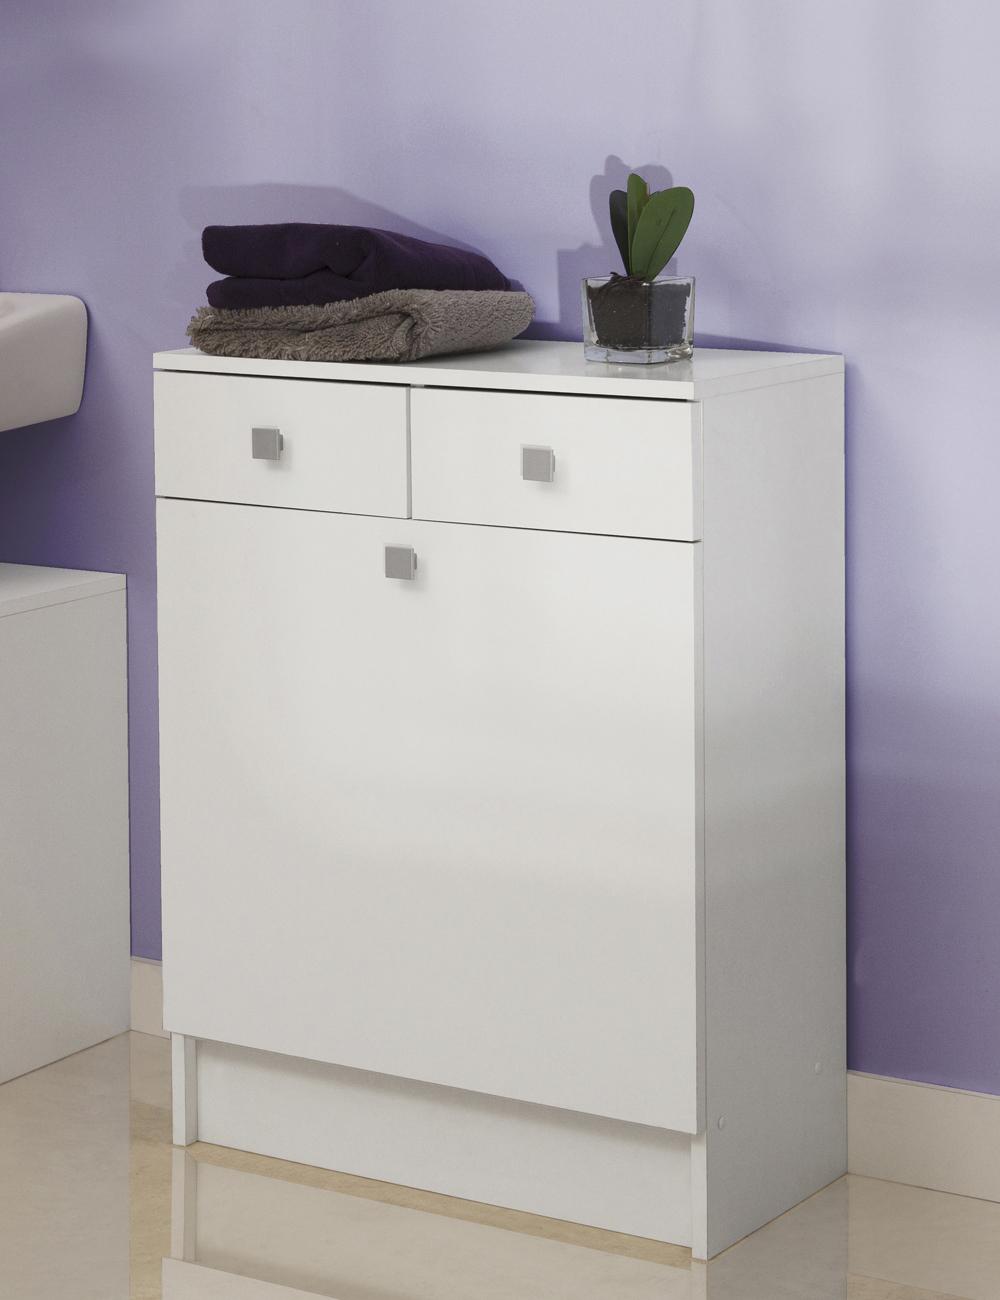 Wäscheschrank mit integriertem Wäschesack, weiss